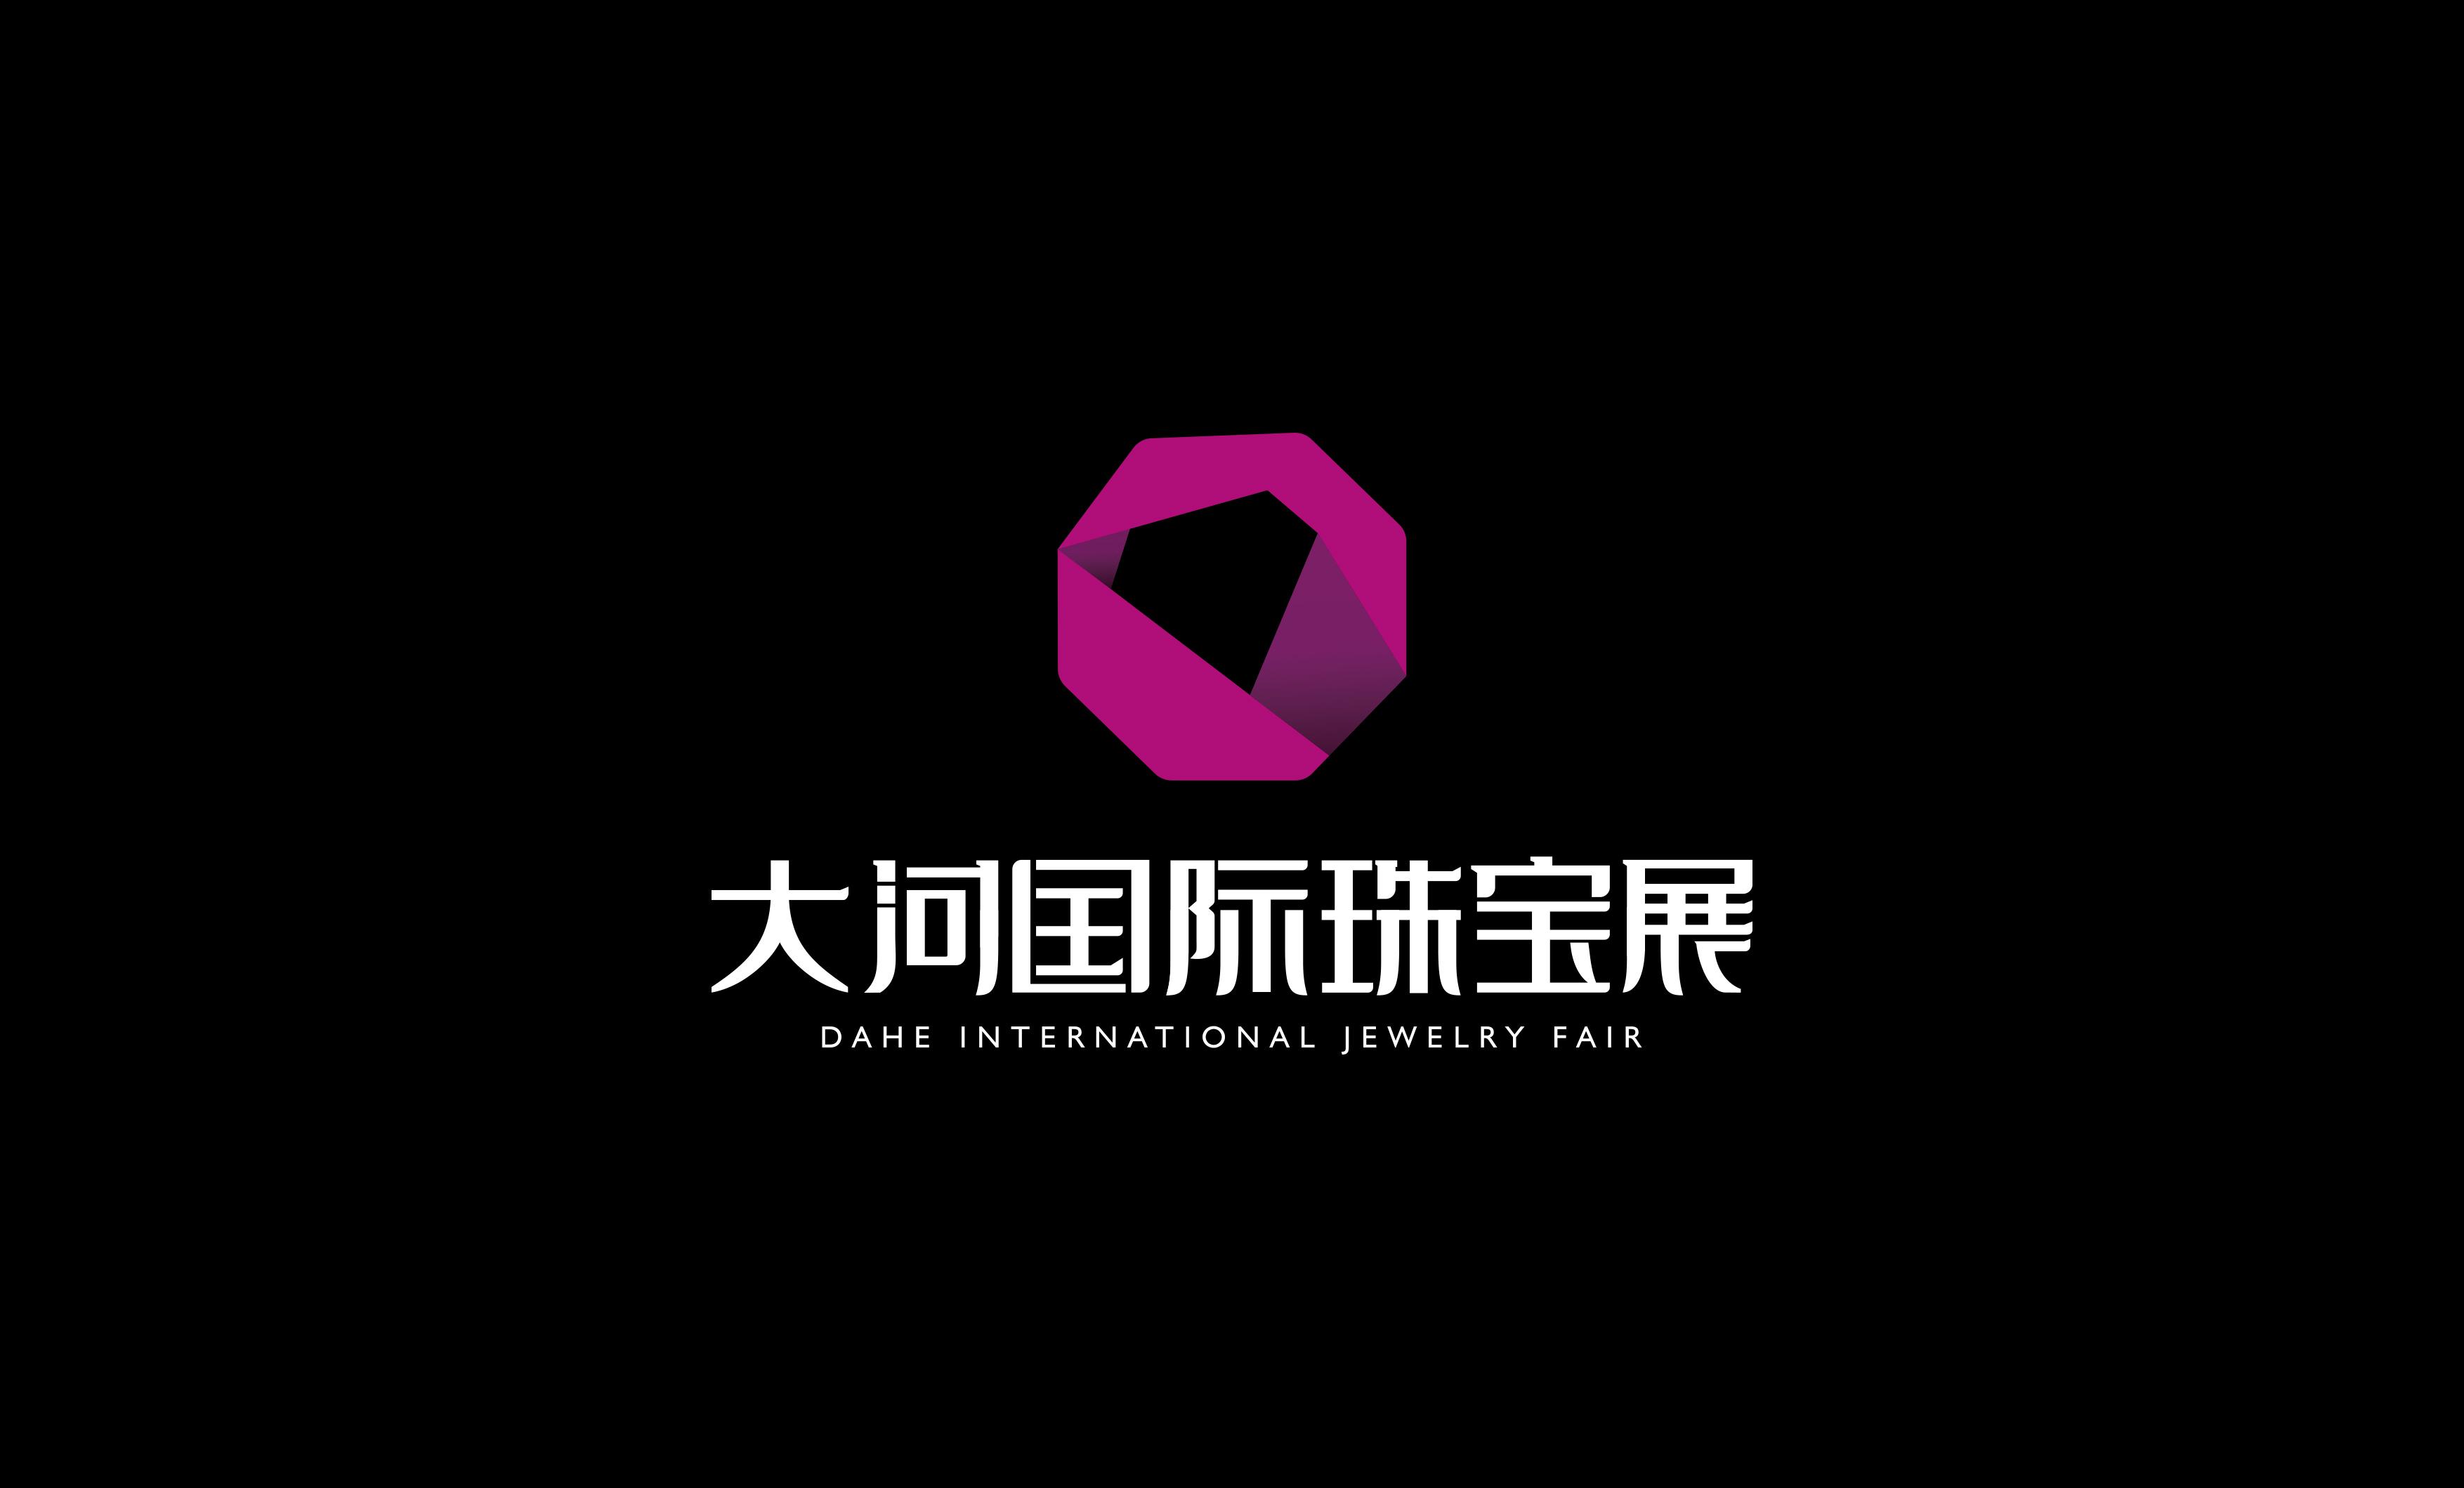 大河国际珠宝展LOGOVI千赢国际app登录-9